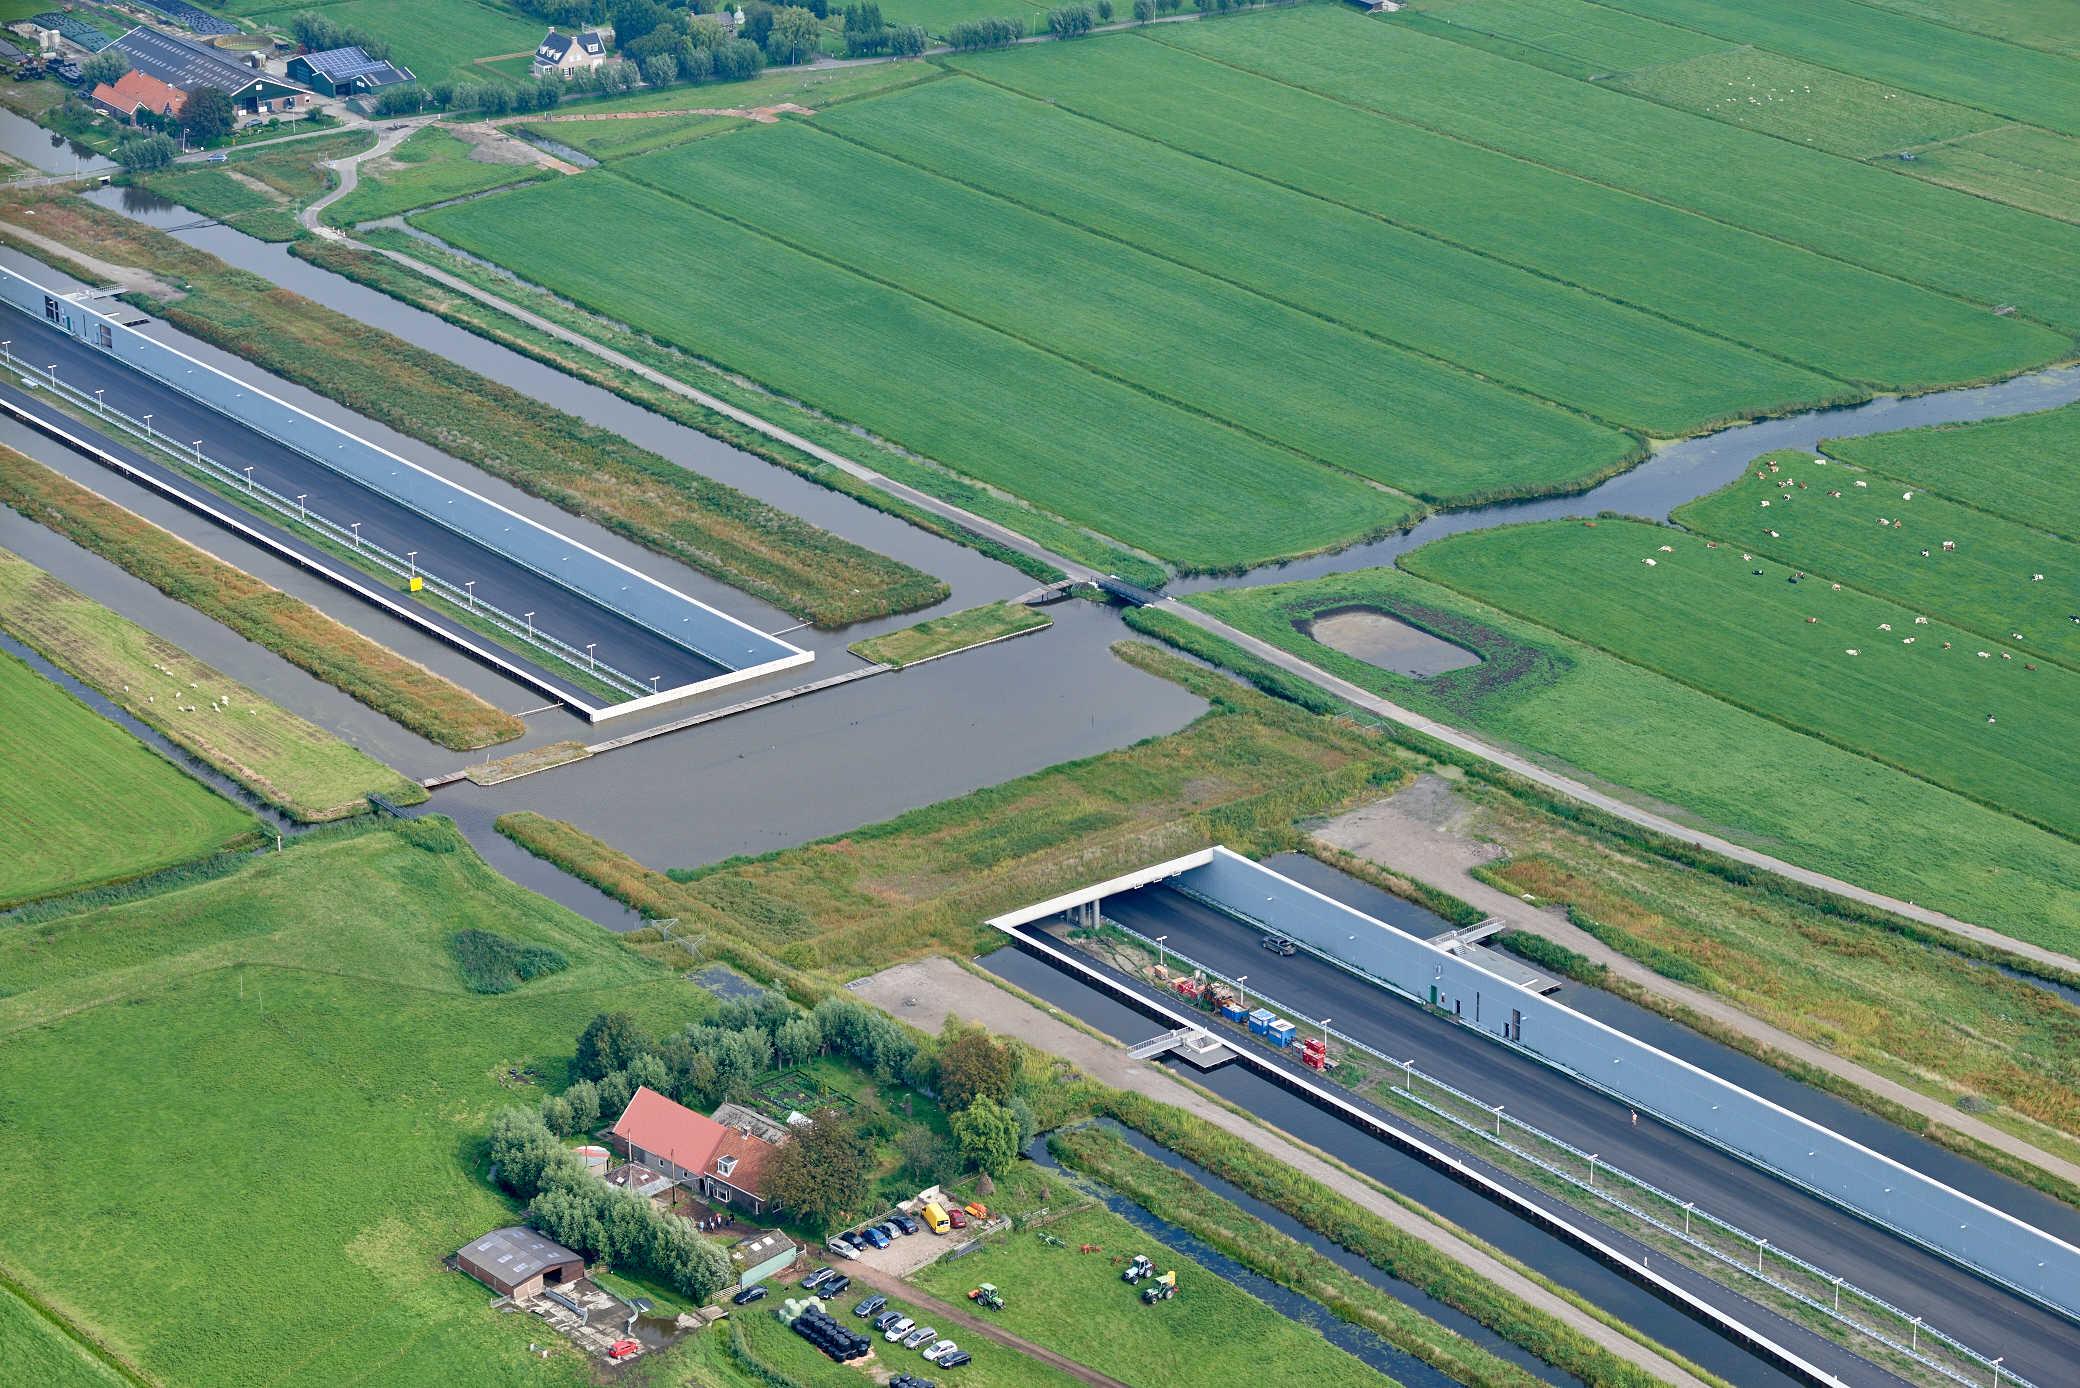 A4 Delft-Schiedam foto: Joop van Houdt / Rijkswaterstaat